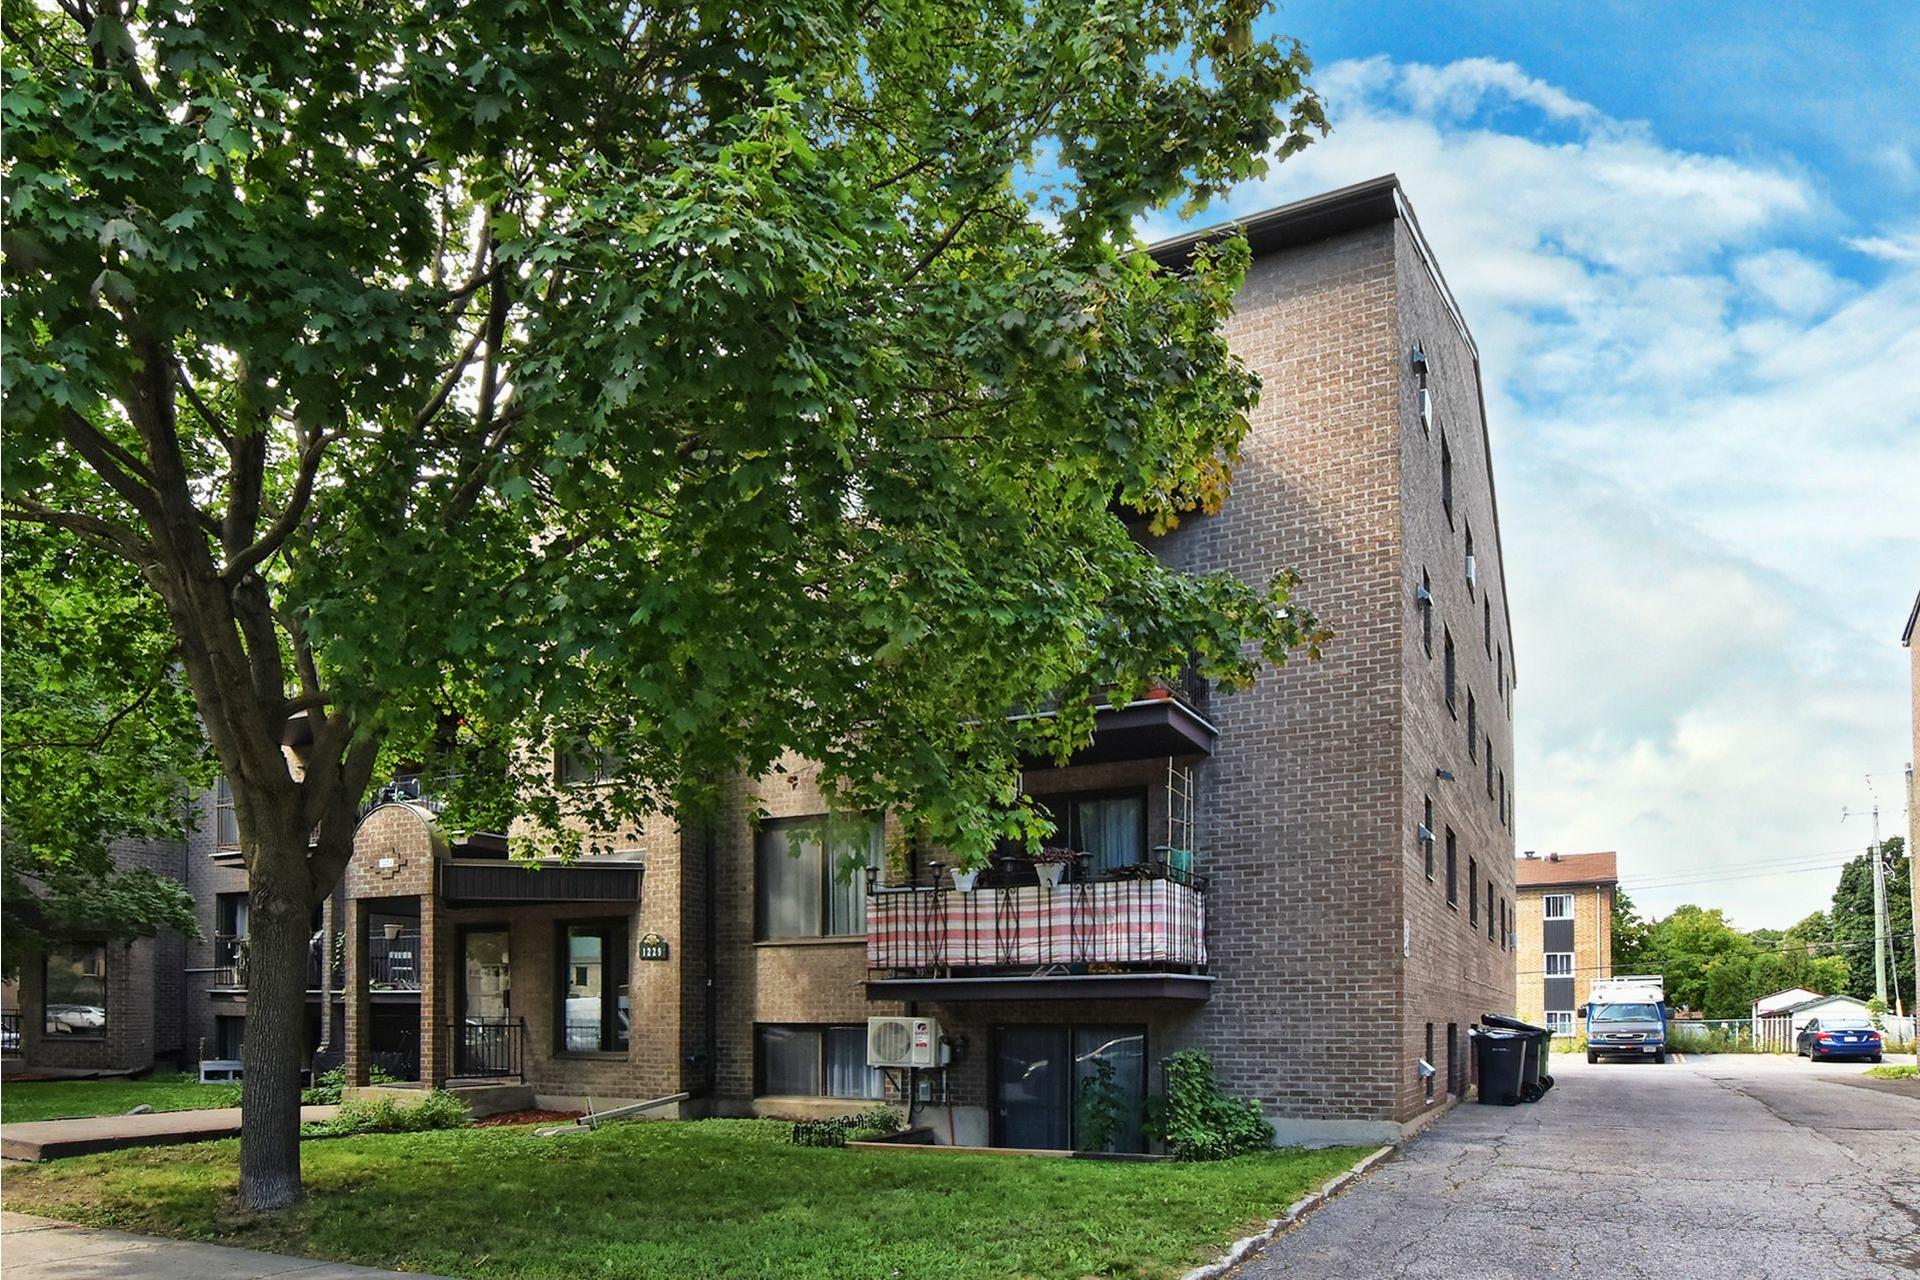 image 22 - Appartement À vendre Rivière-des-Prairies/Pointe-aux-Trembles Montréal  - 6 pièces